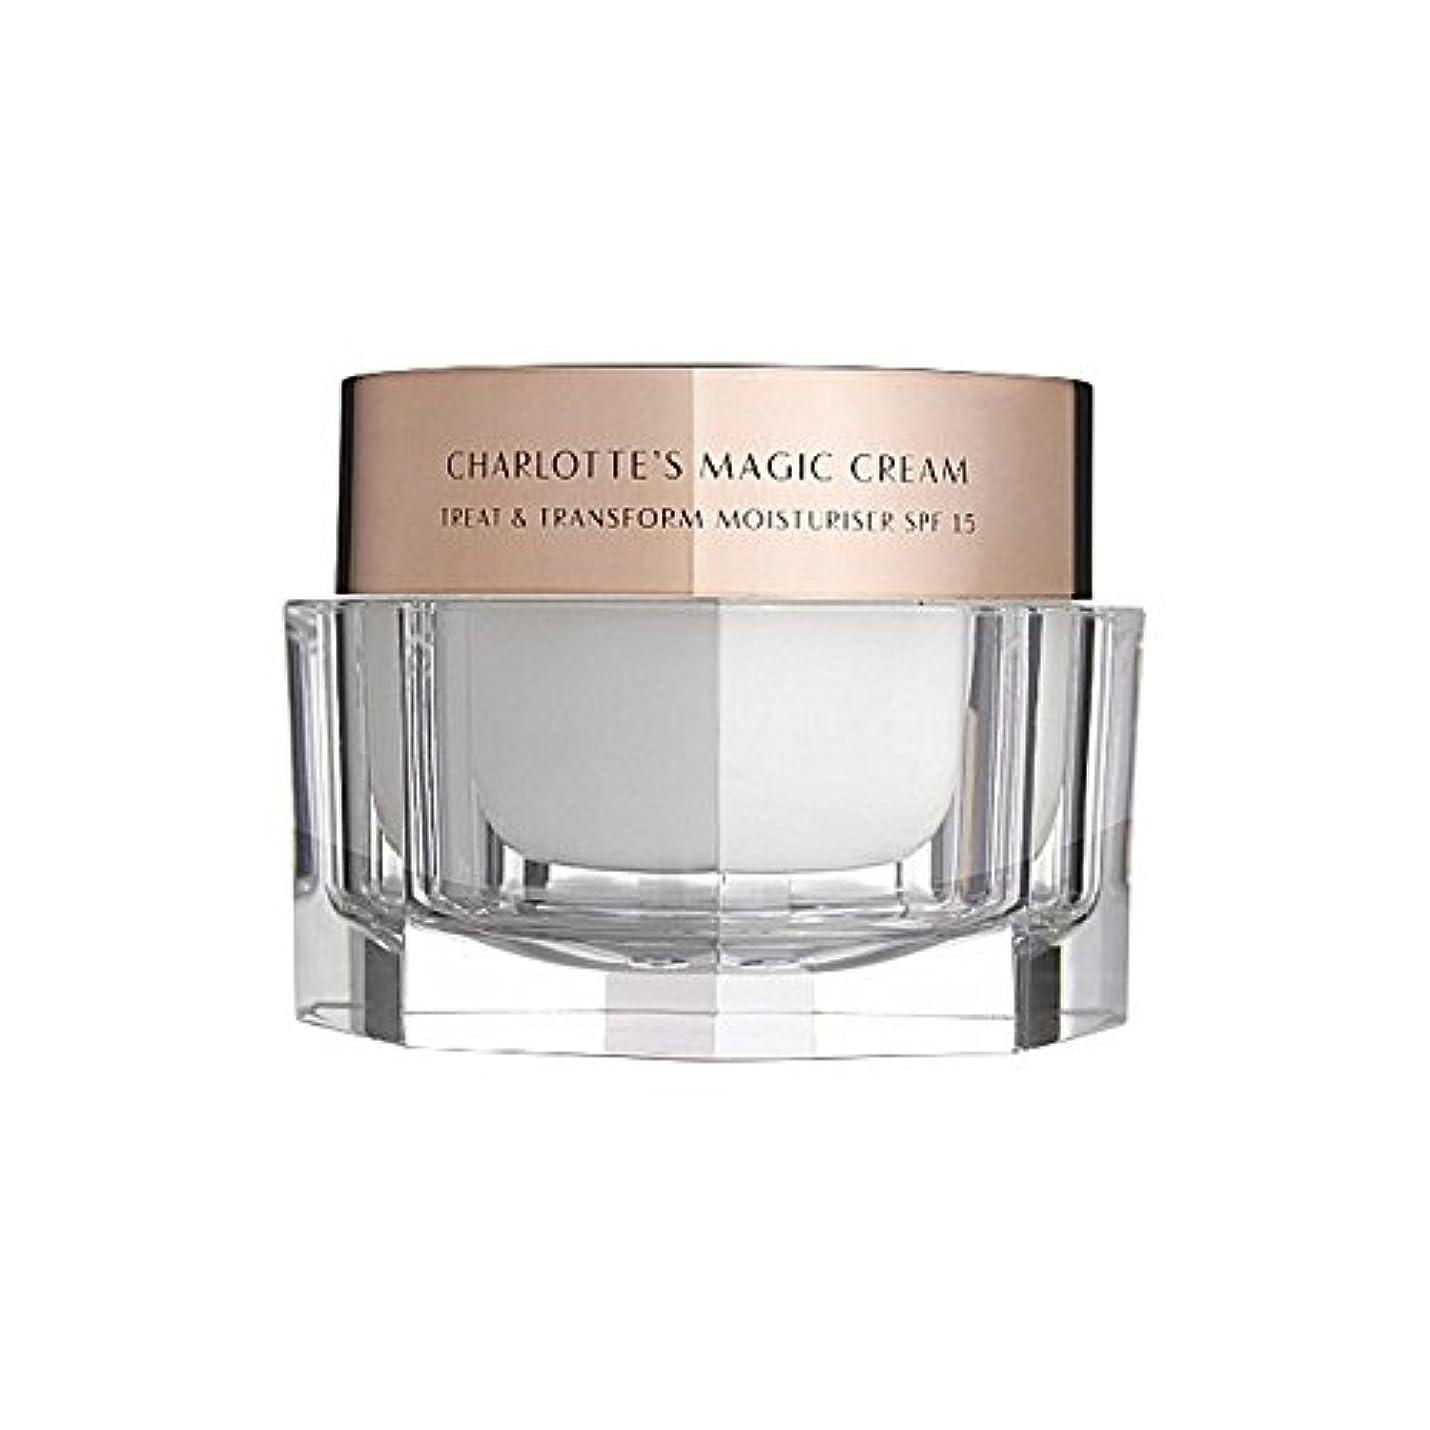 灰温室ステートメントCharlotte Tilbury Charlotte's Magic Cream Treat & Transform Moisturiser Spf 15 50Ml (Pack of 6) - シャーロット?ティルベリーシャーロットの魔法のクリームの御馳走&モイスチャライザー 15 50ミリリットルを変換 x6 [並行輸入品]